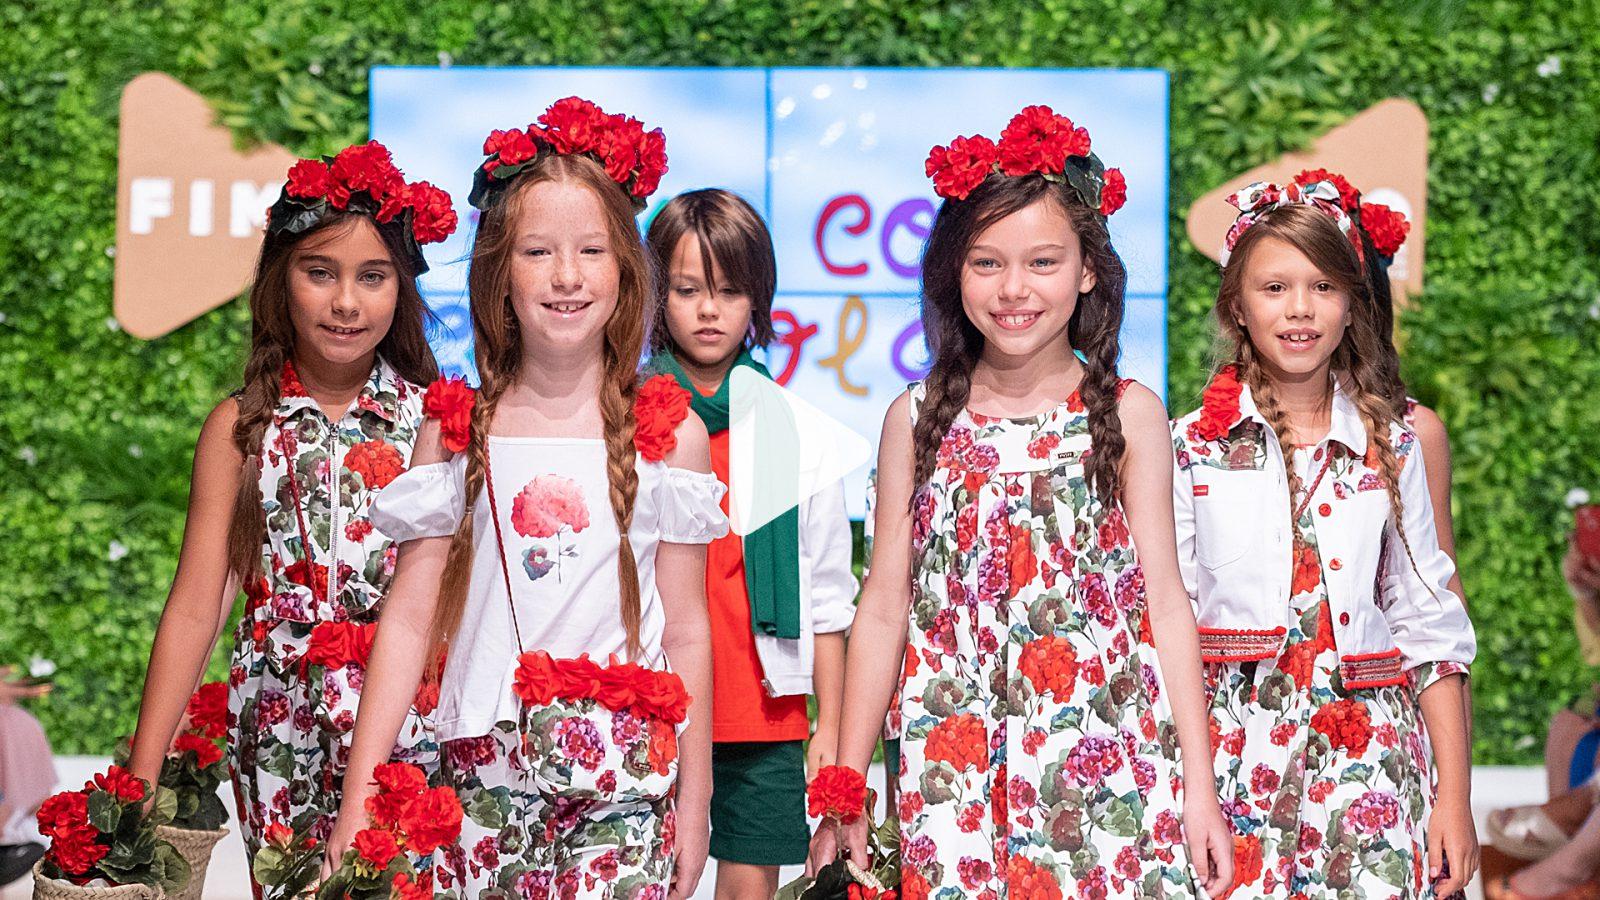 Niños con ropa de Pan con Chocolate, en el desfile de la Feria Internacional de Moda Infantil y Juvenil (FIMI)